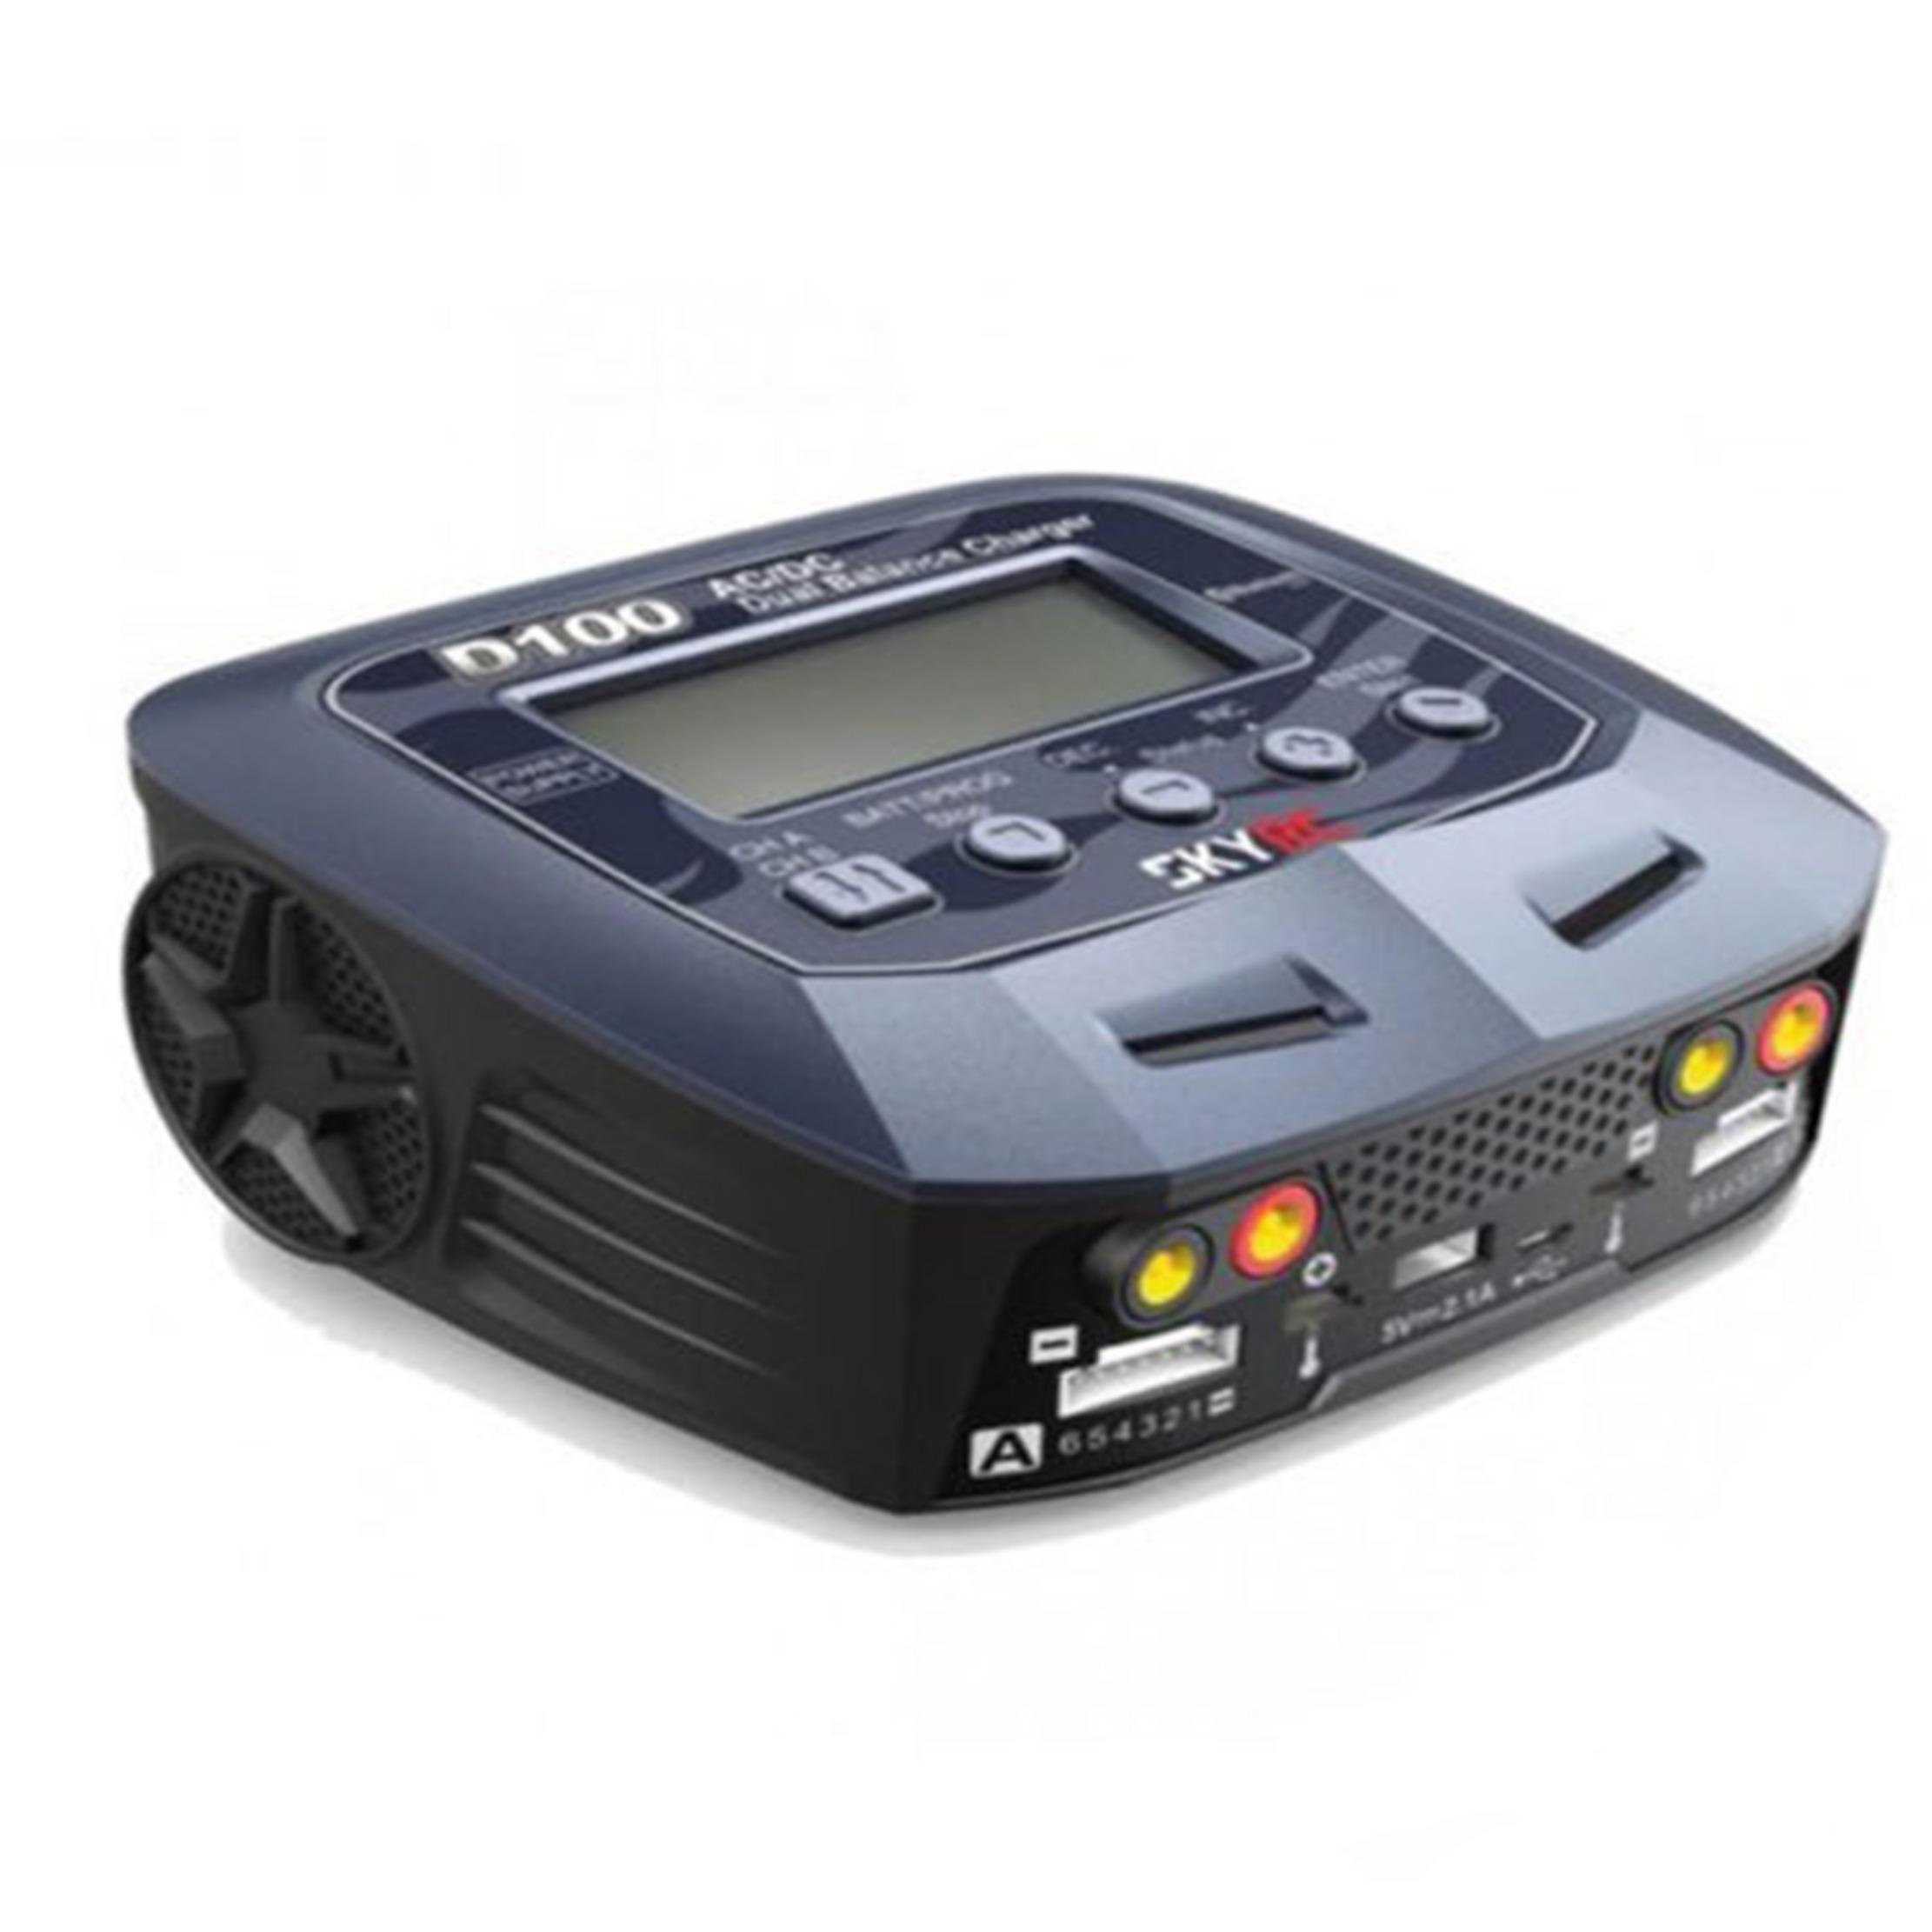 Cargador / Balanceador / Dual SKYRC D100 V2 AC/DC 100W X 2